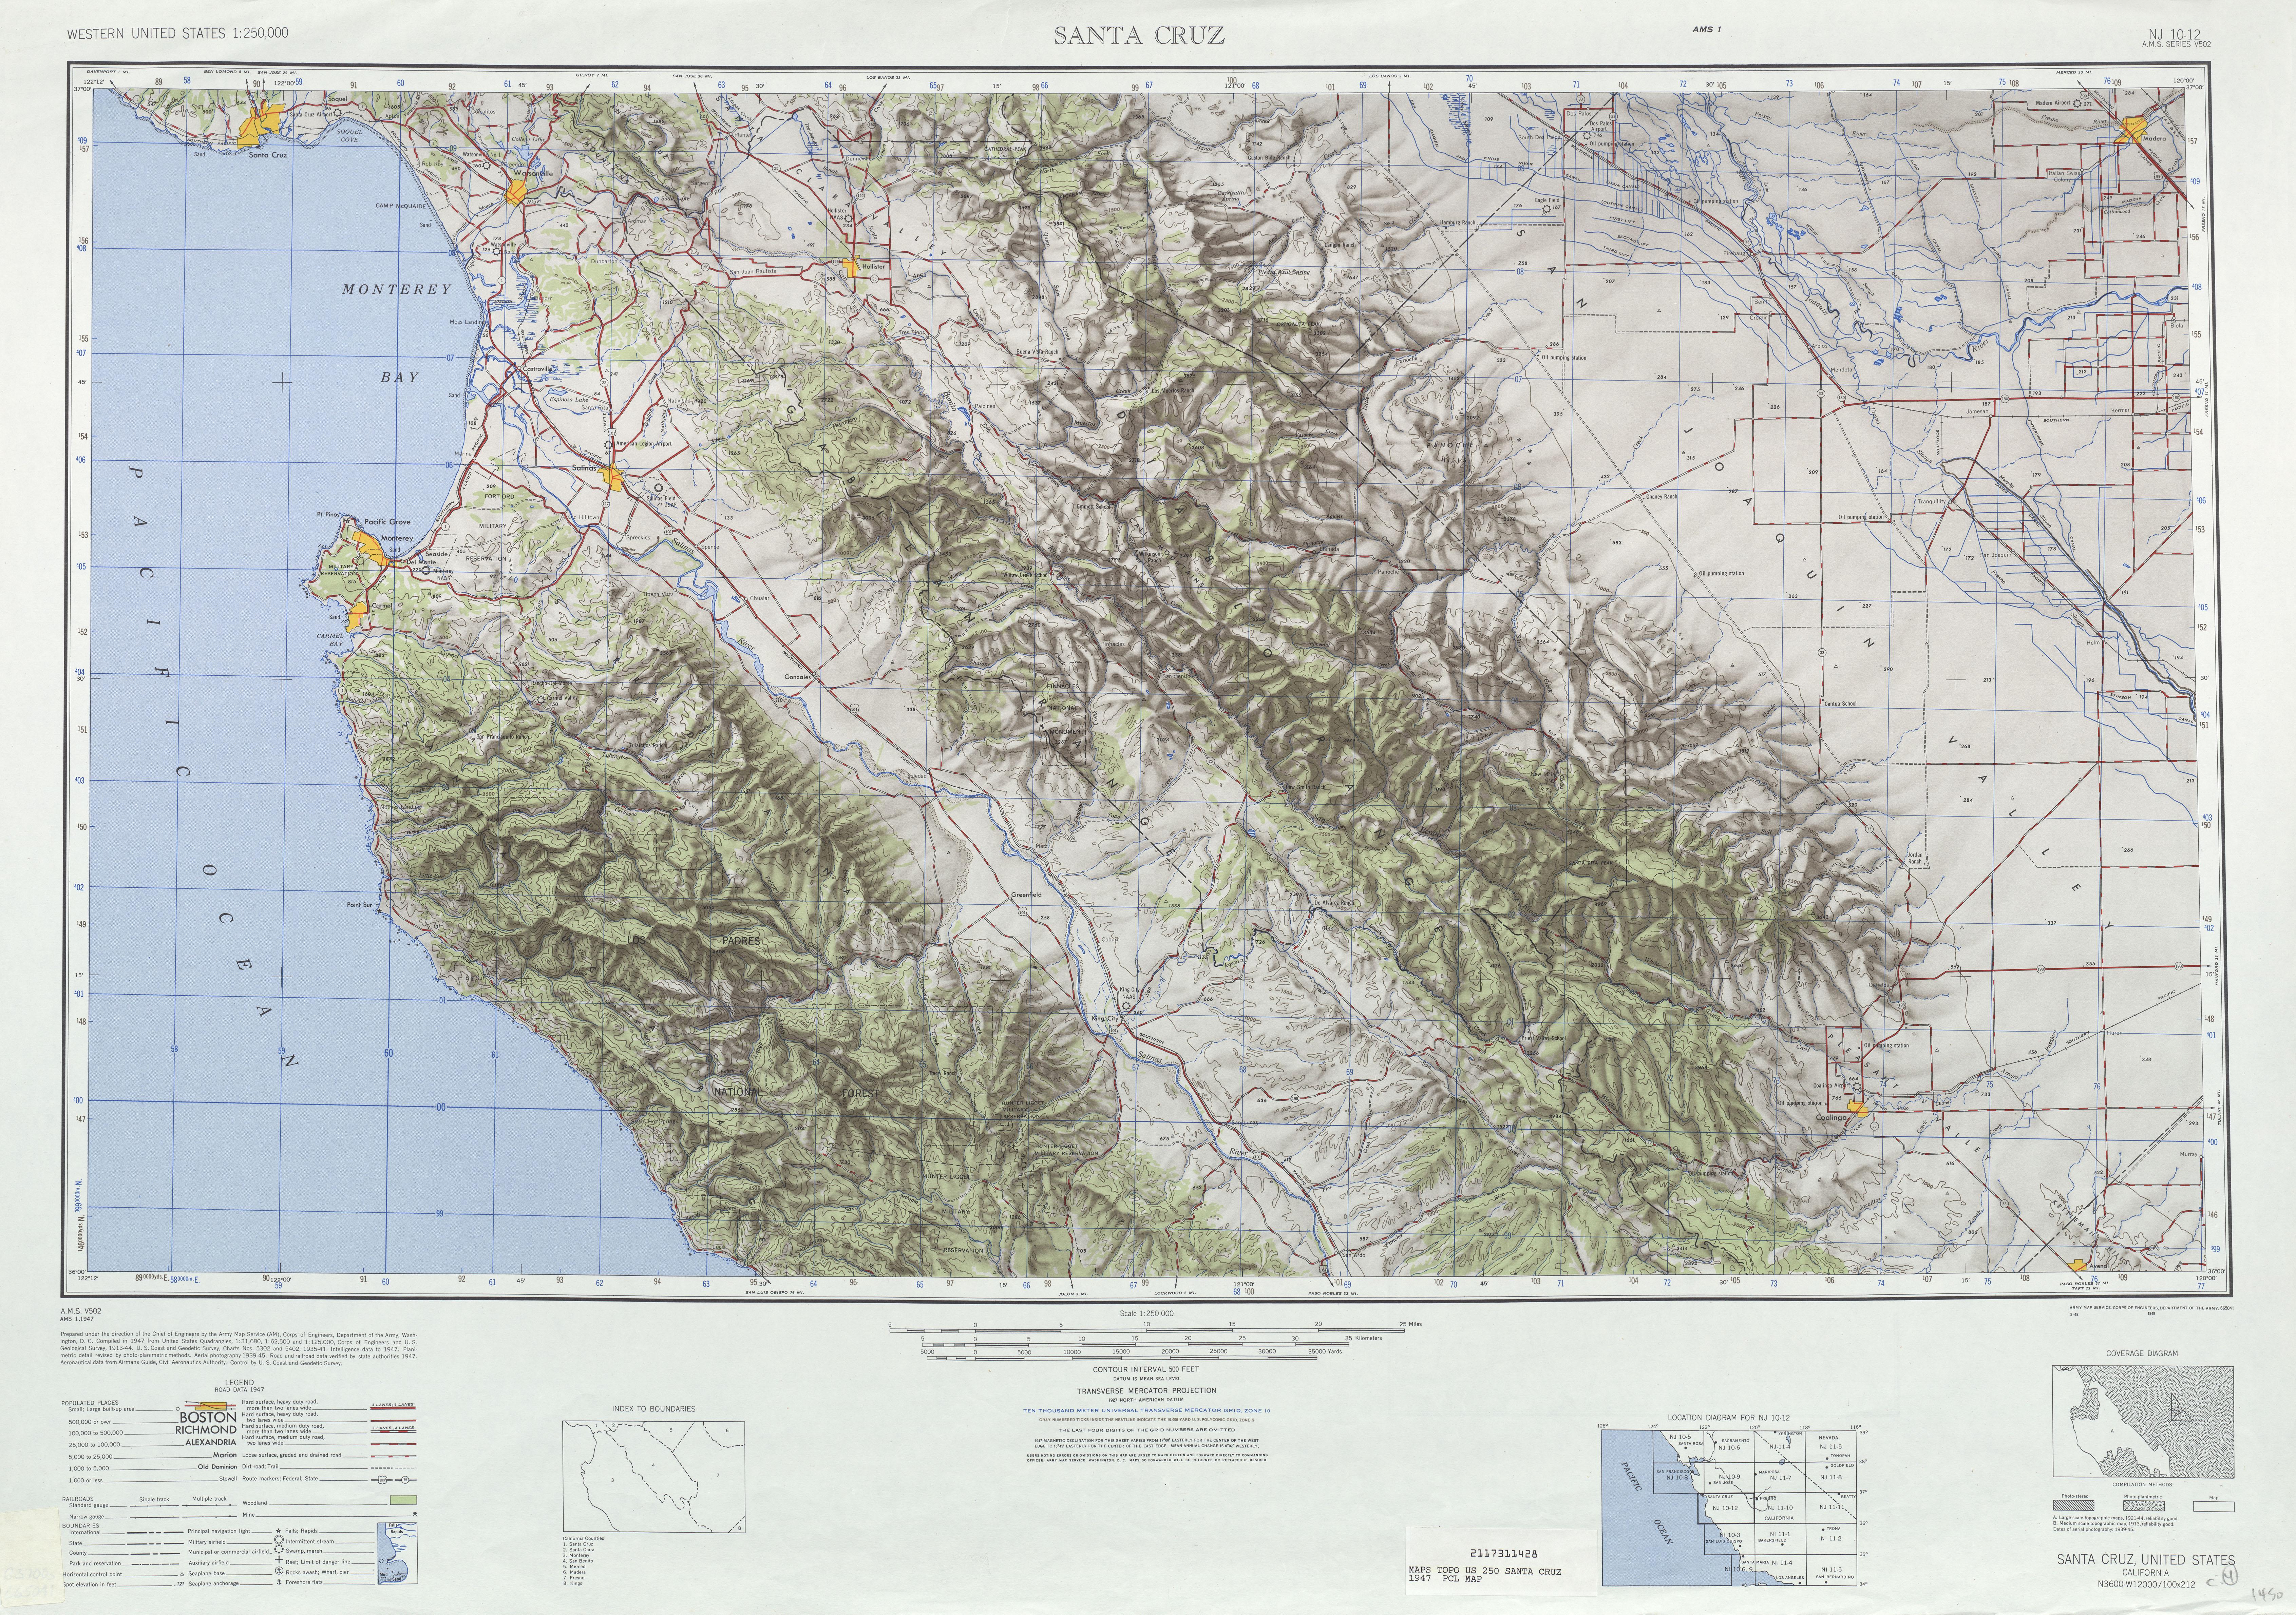 Hoja Santa Cruz del Mapa Topográfico de los Estados Unidos 1947